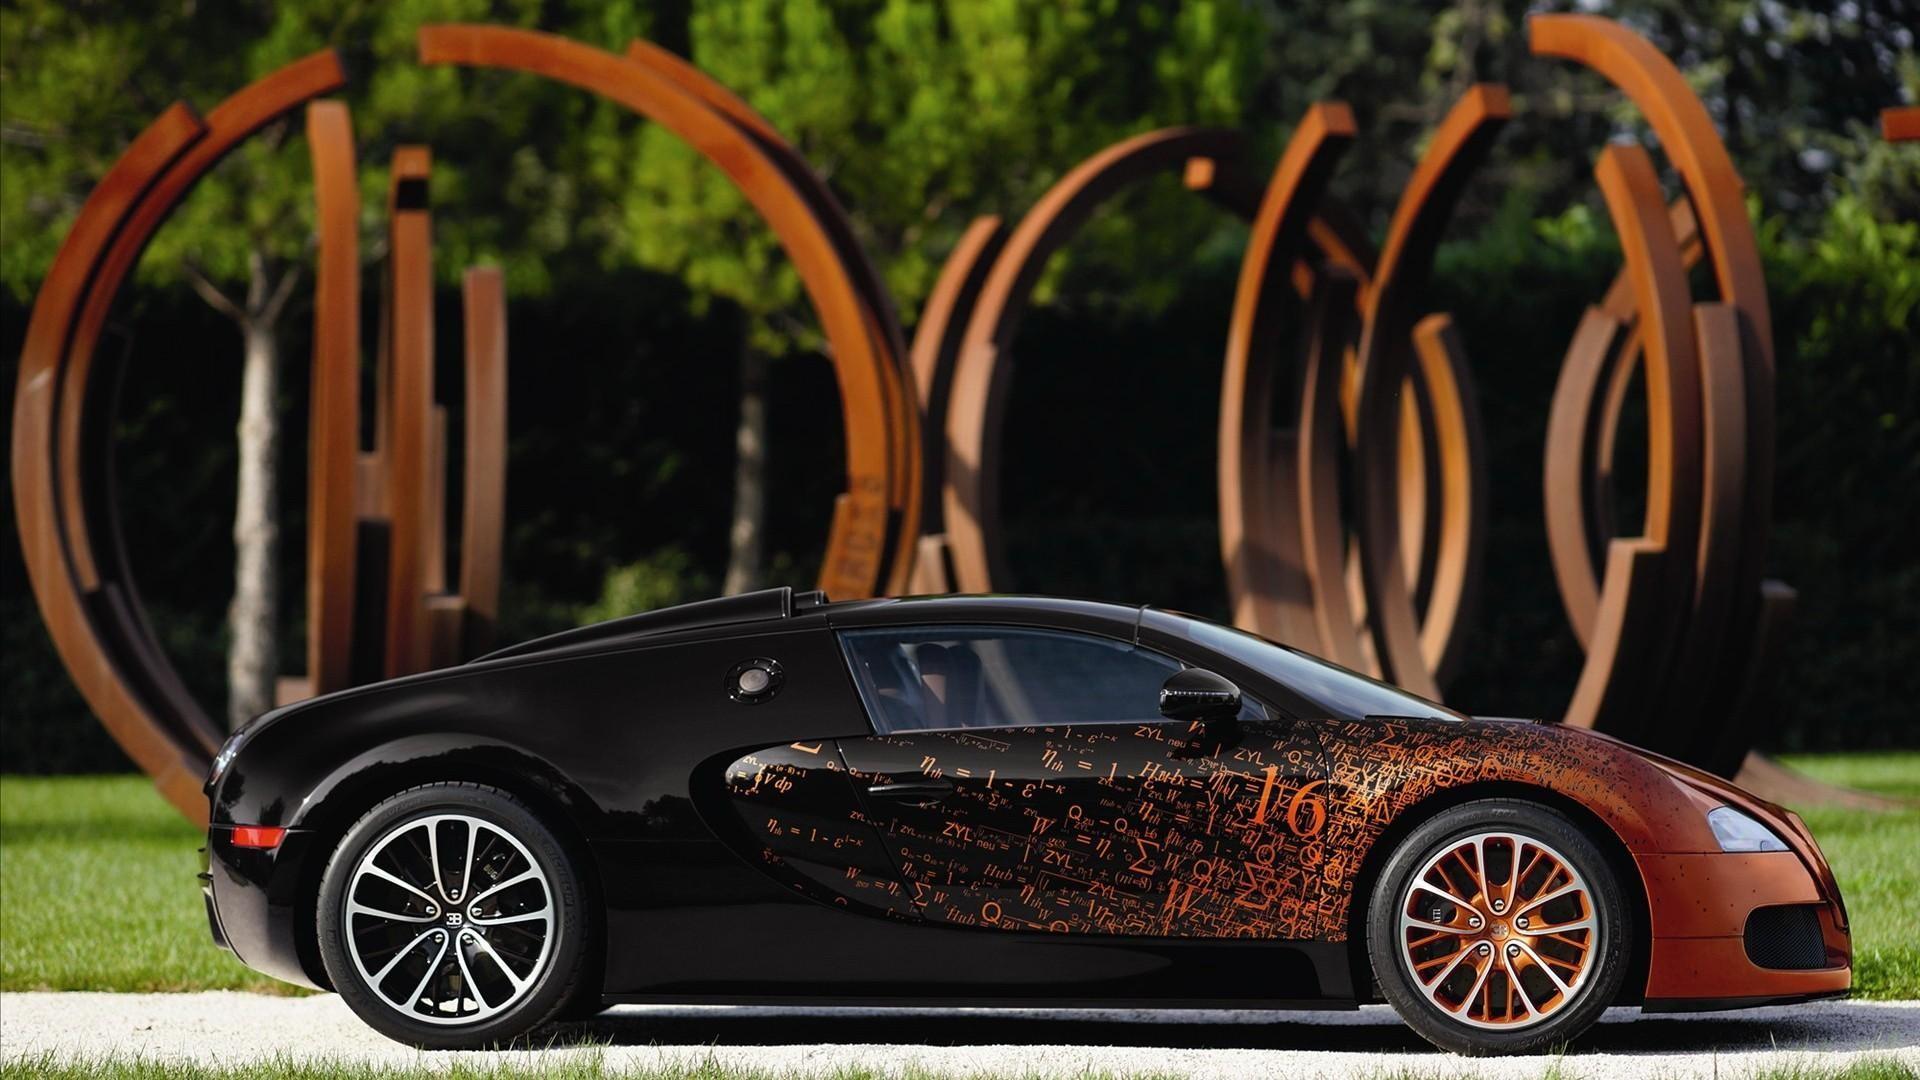 Bugatti Veyron Wallpaper Hd For Laptop 27